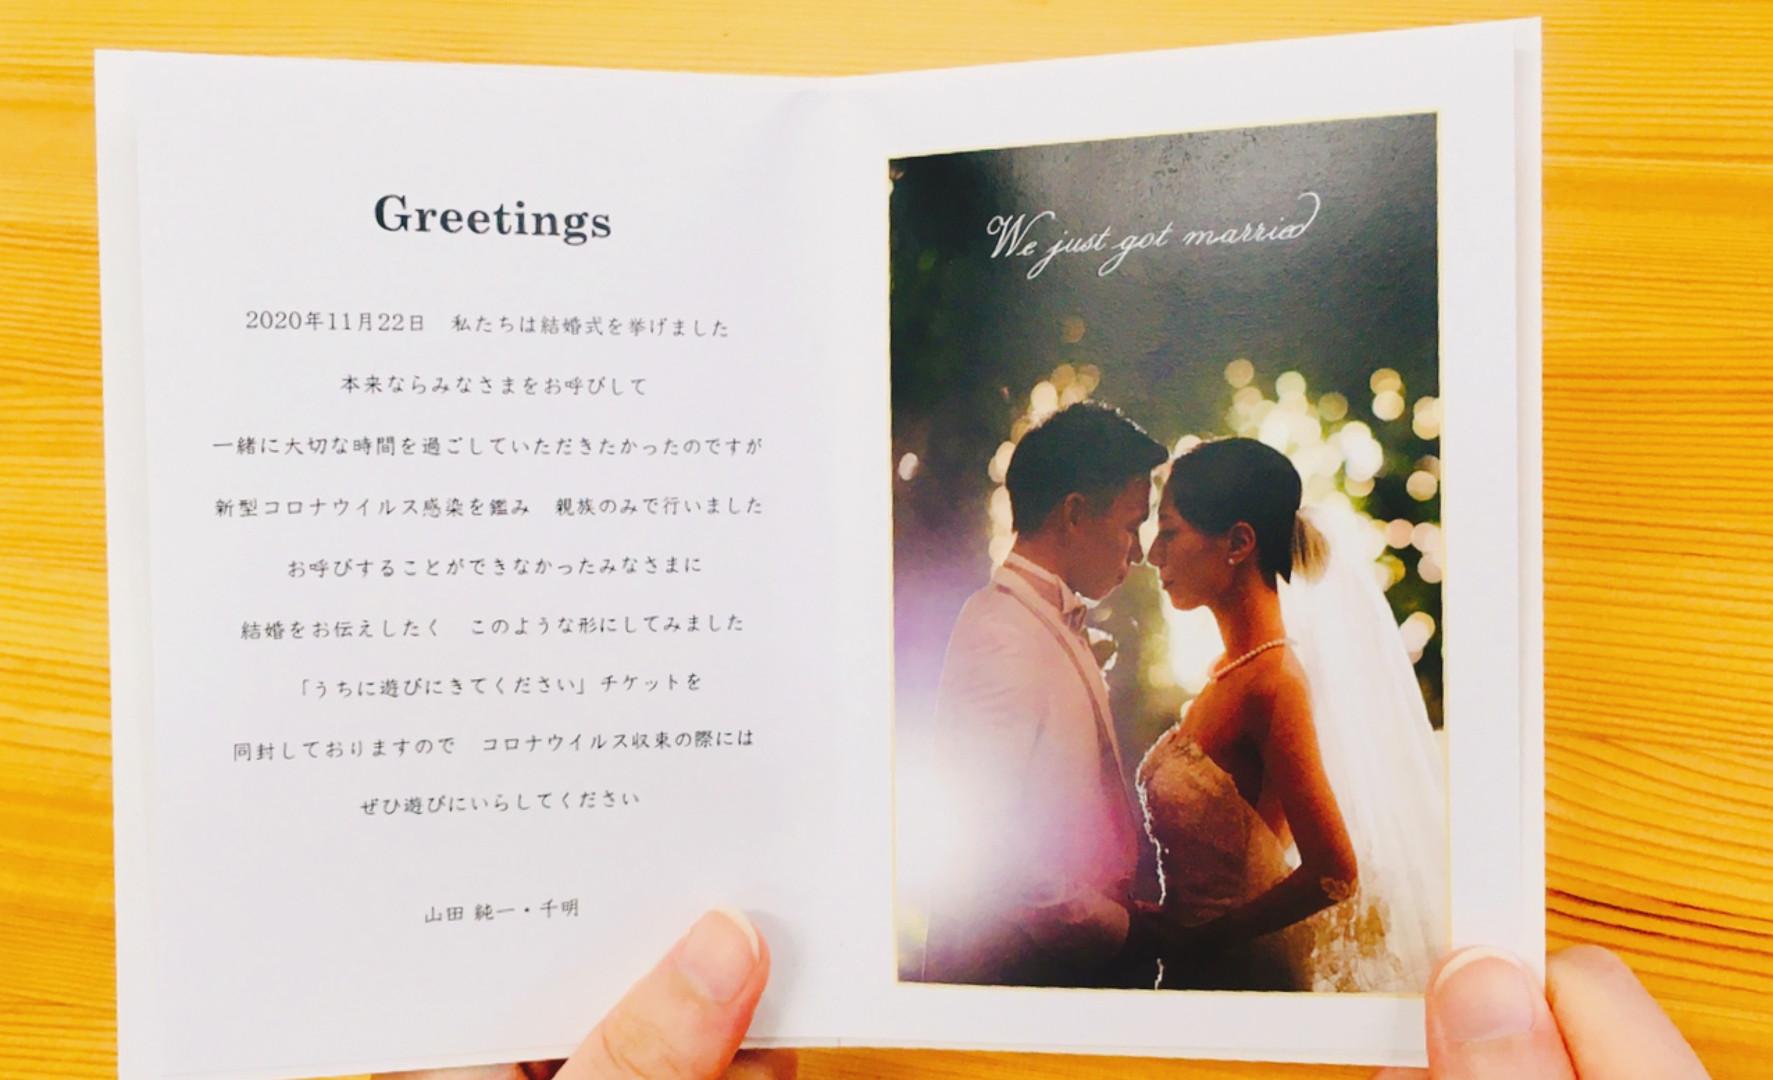 手持ち Just married デザイン6-A-3.jpg